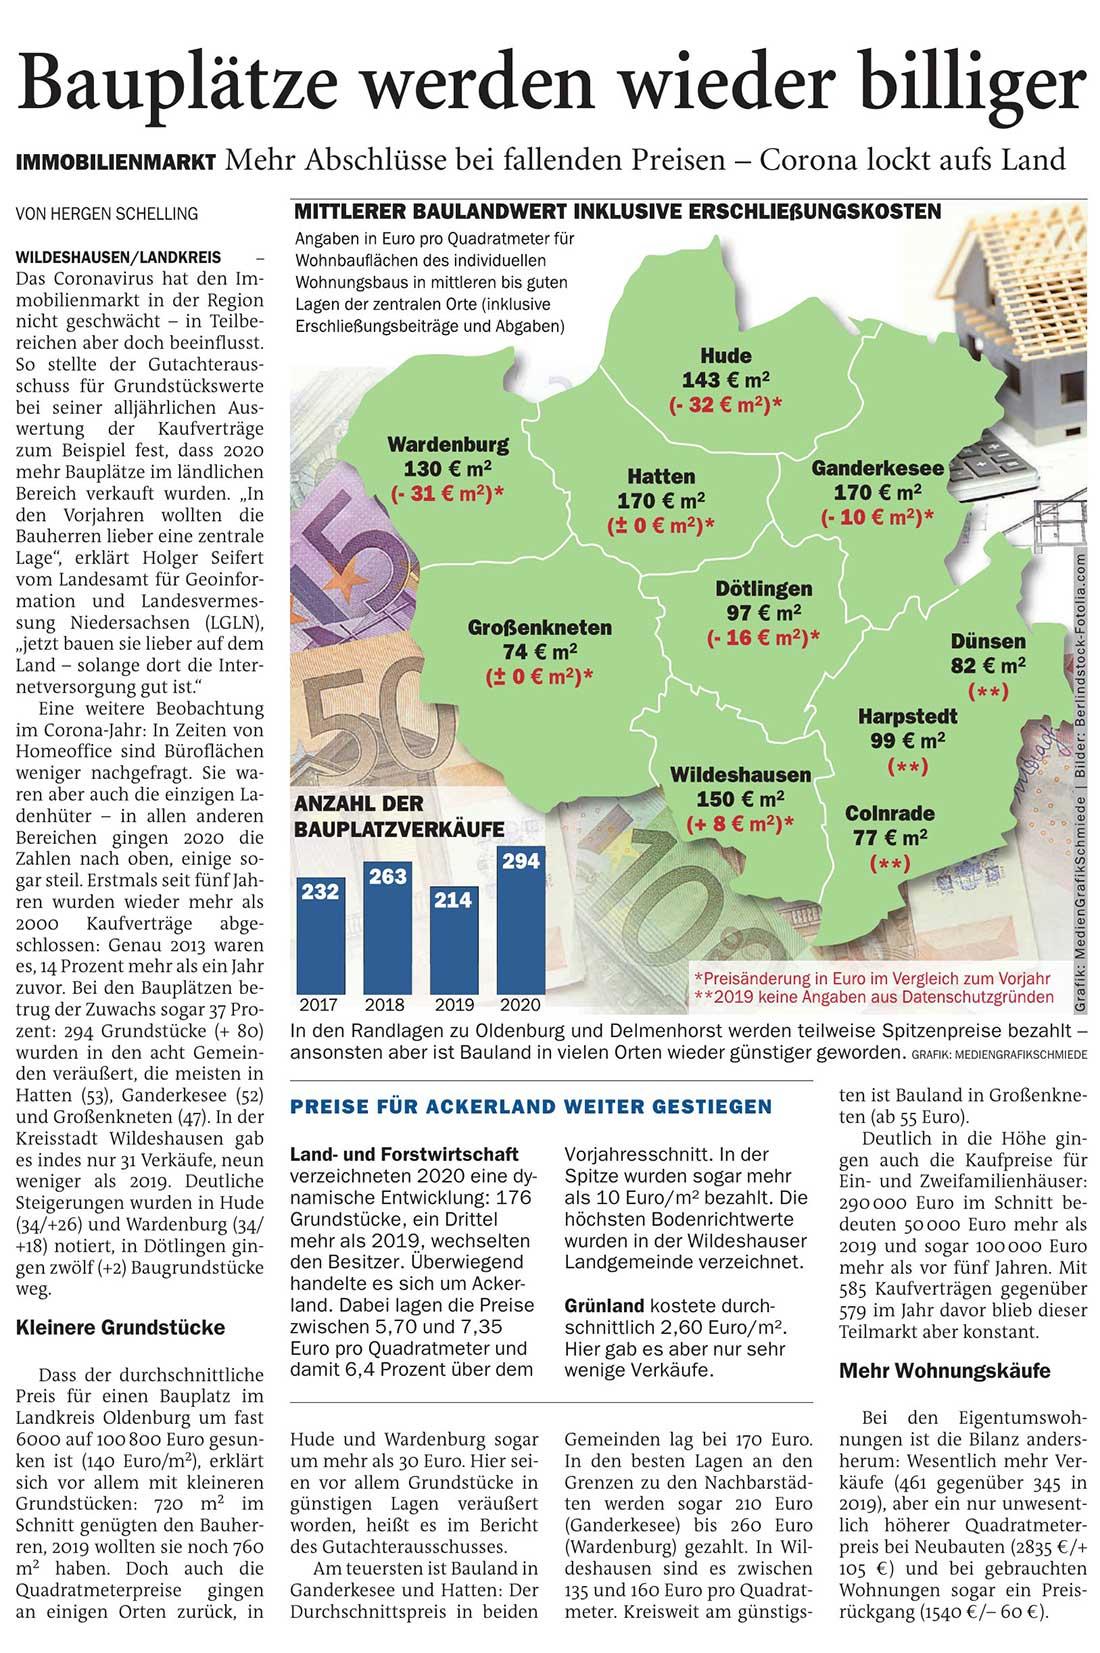 Bauplätze werden wieder billigerWildeshausen/Landkreis // Immobilienmarkt: Mehr Abschlüsse bei fallenden Preisen - Corona lockt aufs LandArtikel vom 05.02.2021 (NWZ)